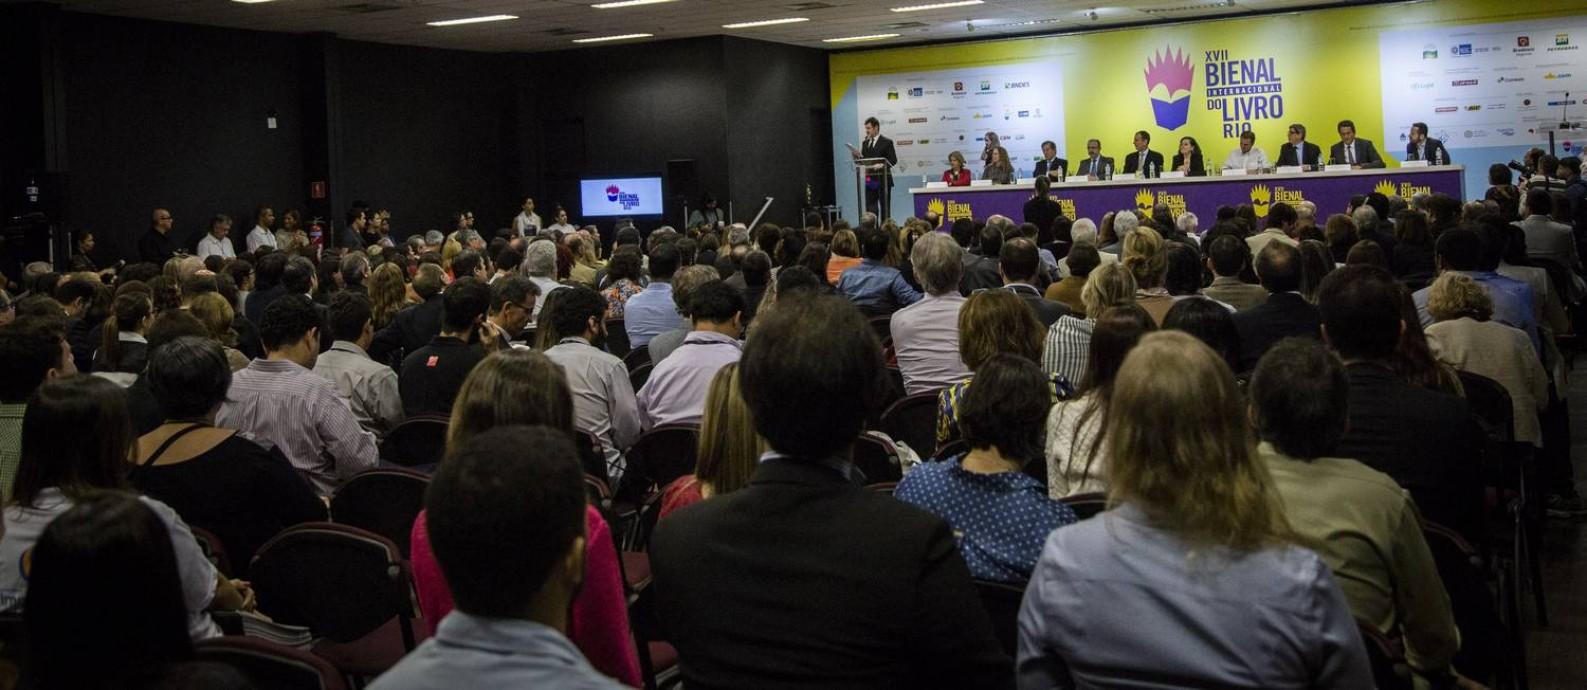 SC Rio de Janeiro (RJ) 03/09/2015 - Cerimonia de abertura da 17 Bienal Internacional do Livro. Homenagem a Mauricio de Sousa. Foto : Fernando Lemos / Agencia O Globo Foto: Fernando Lemos